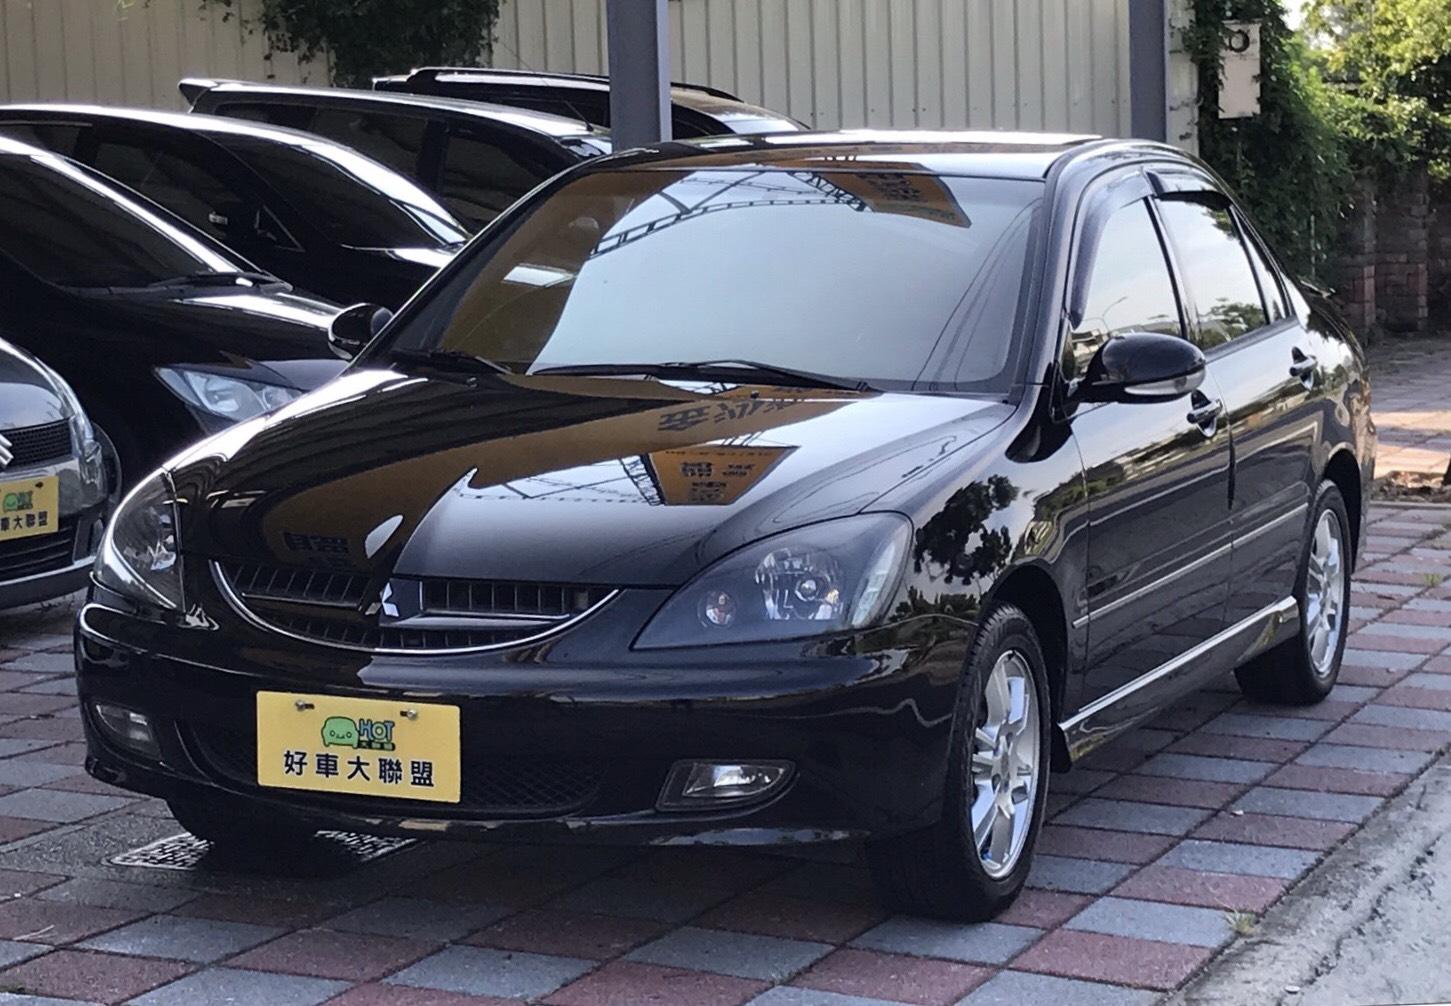 2006 Mitsubishi 三菱 Lancer